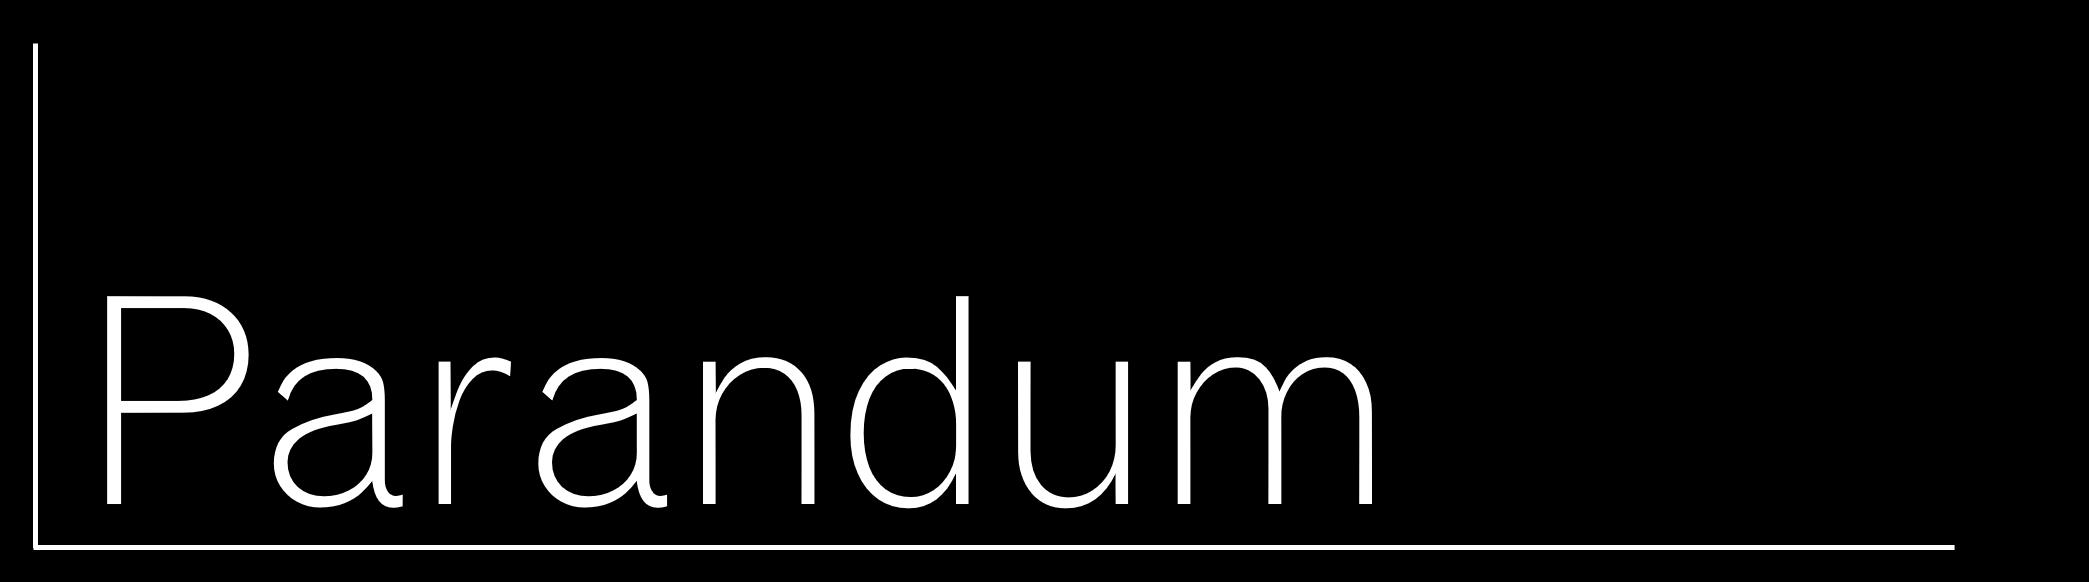 Parandum Holding